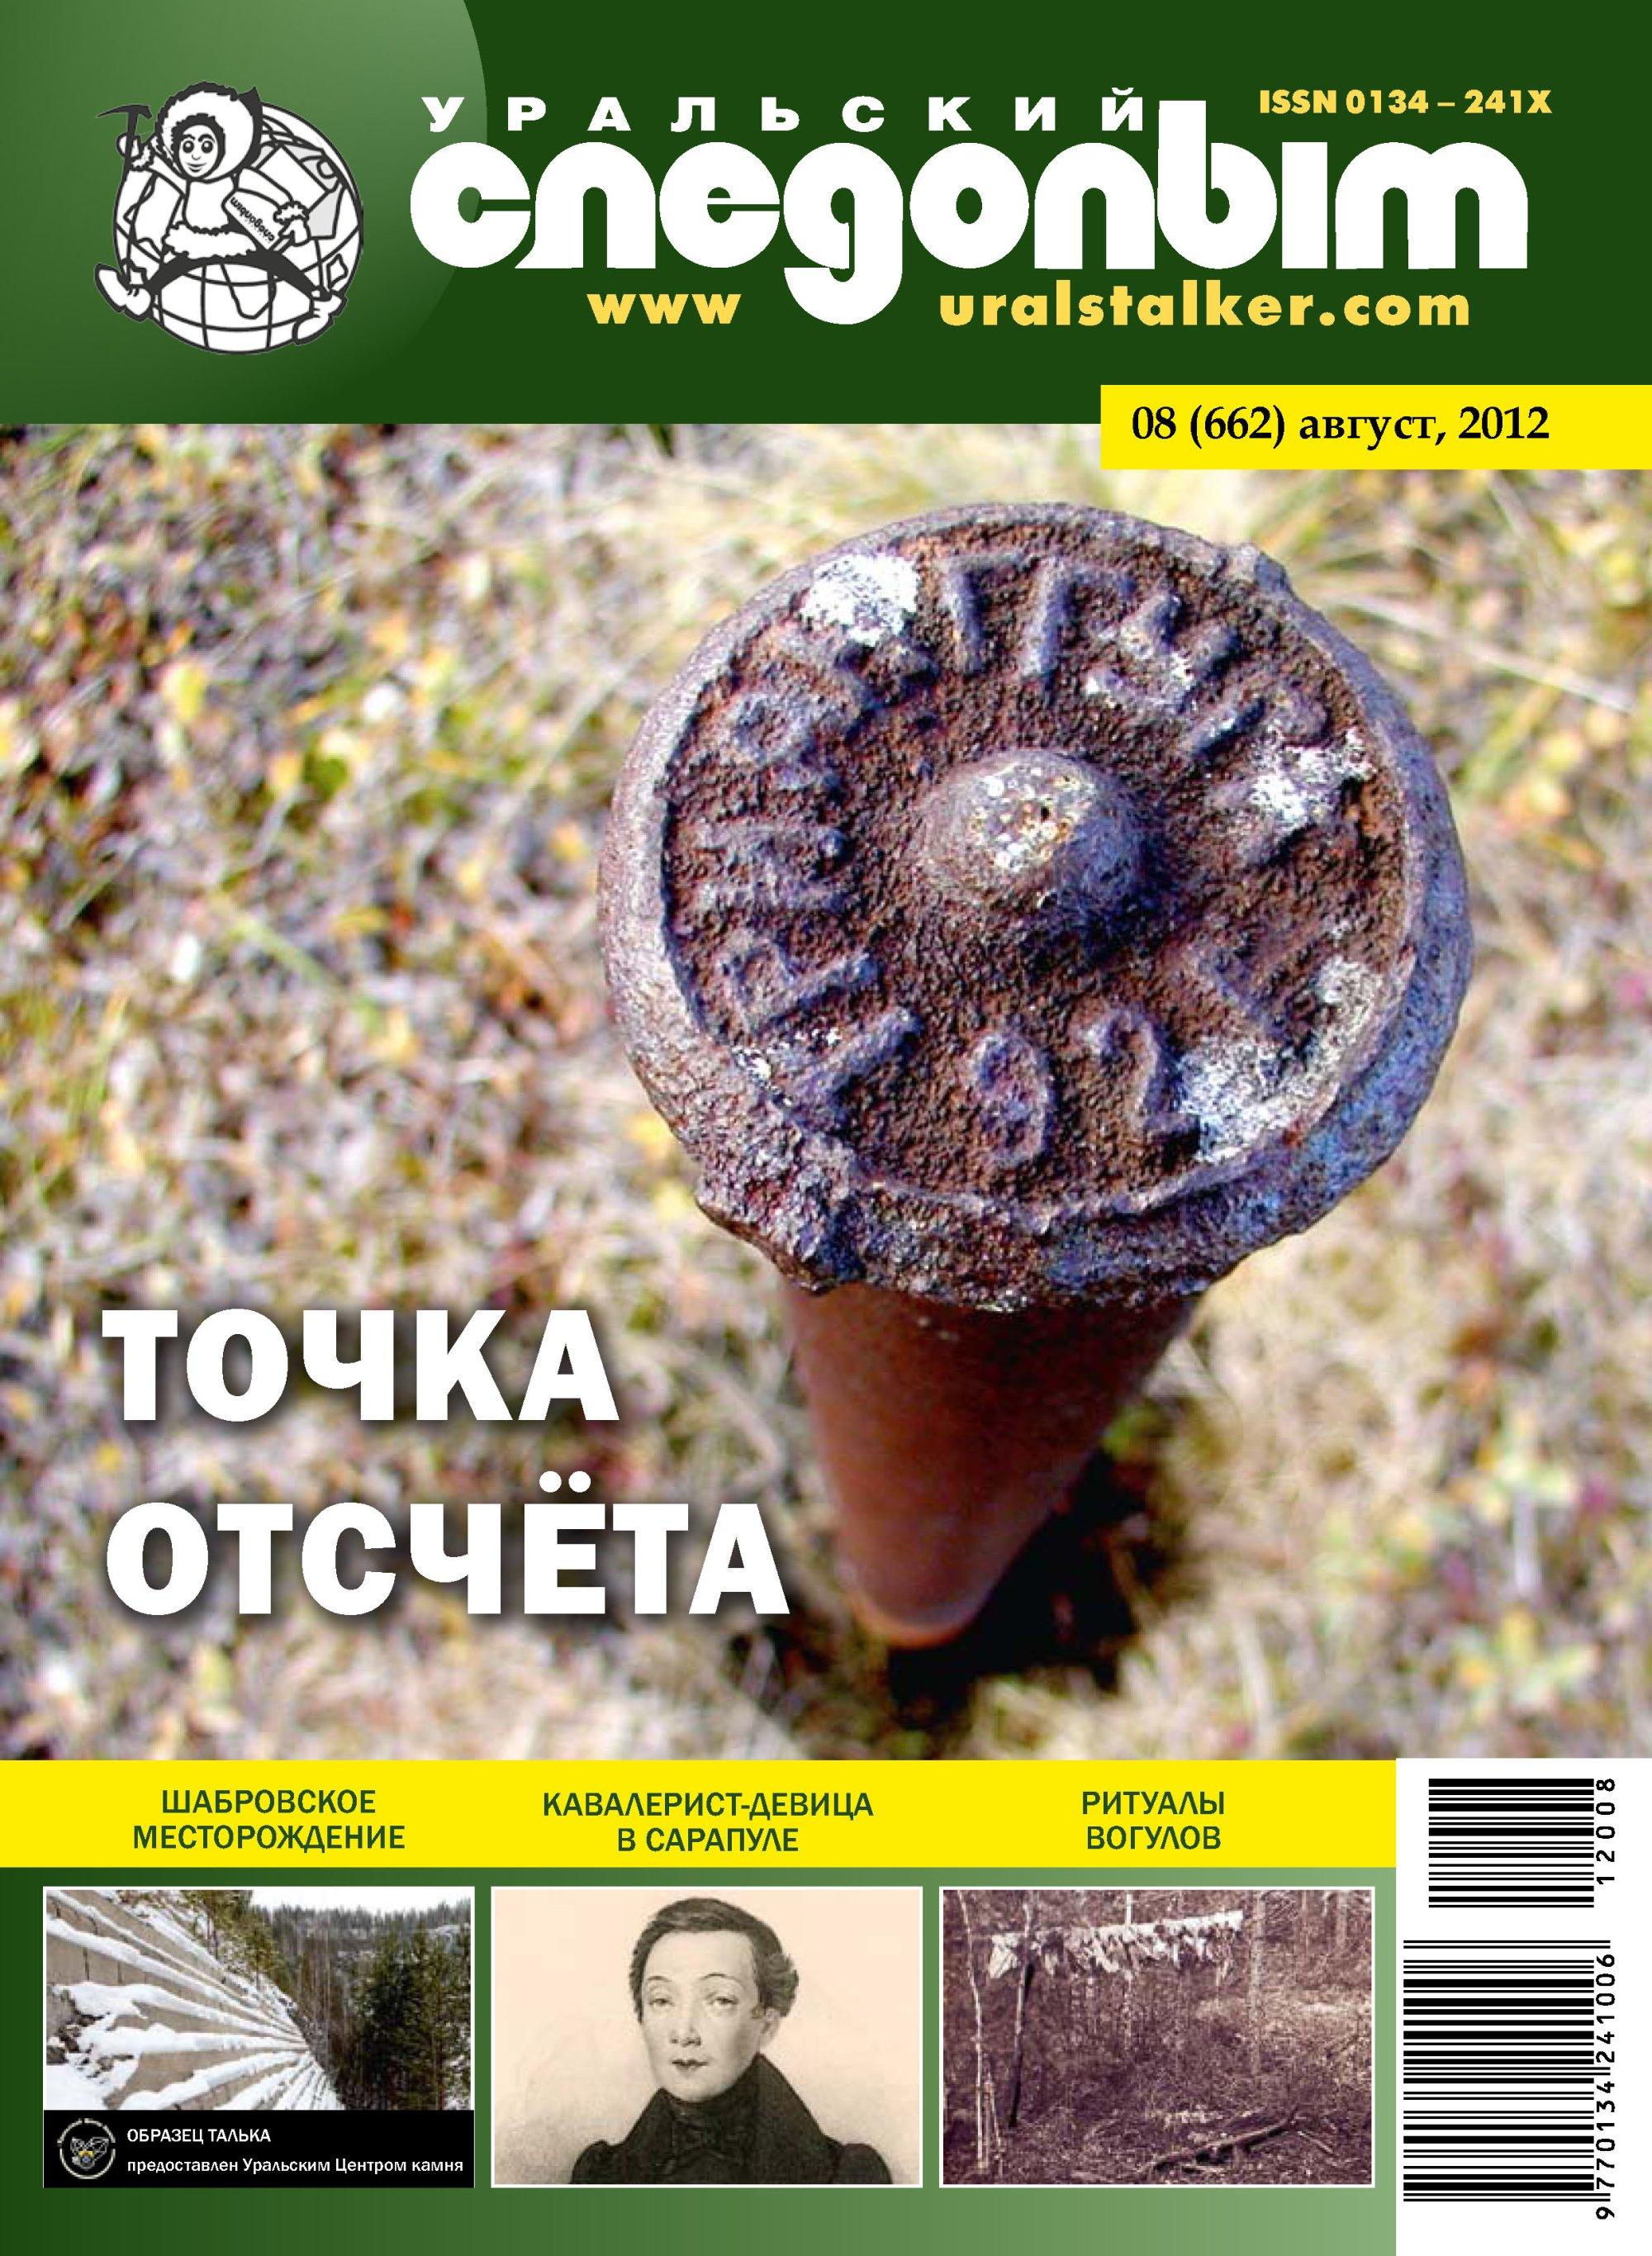 Отсутствует Уральский следопыт №08/2012 отсутствует уральский следопыт 03 2012